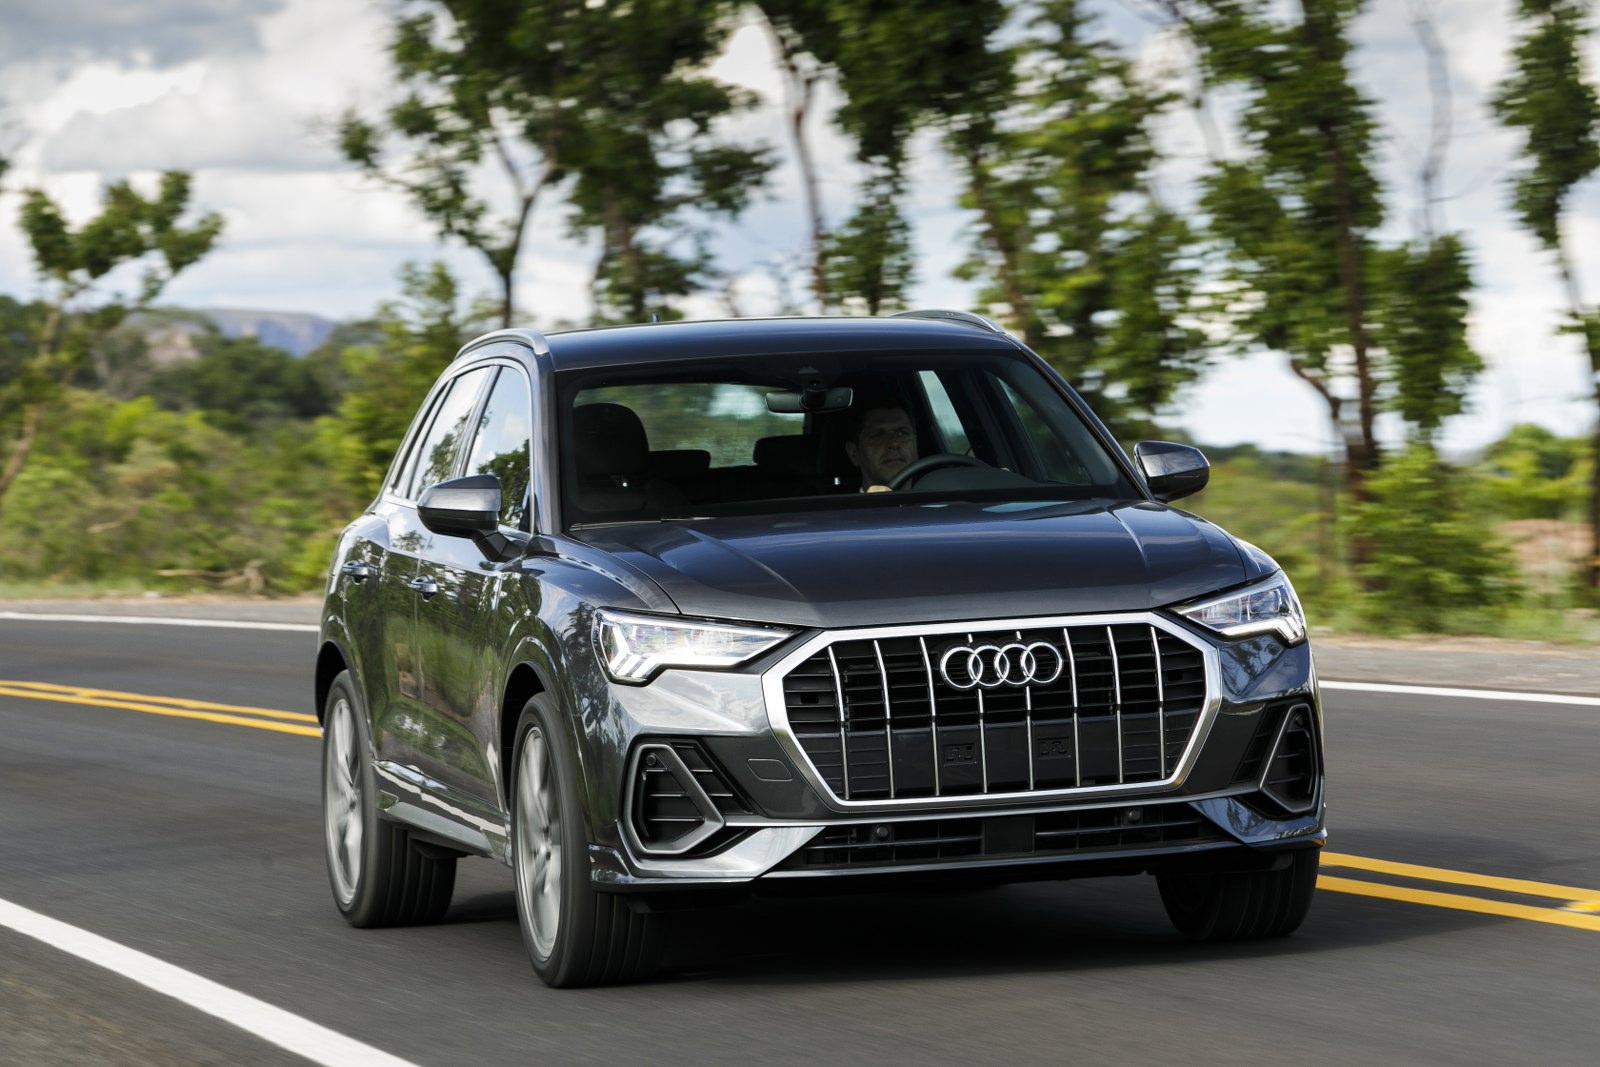 Impressoes Audi Q3 Evolui Em Construcao E Tecnologia Mas Aqui Ficara Devendo Novo Motor 1 5 Motor Show